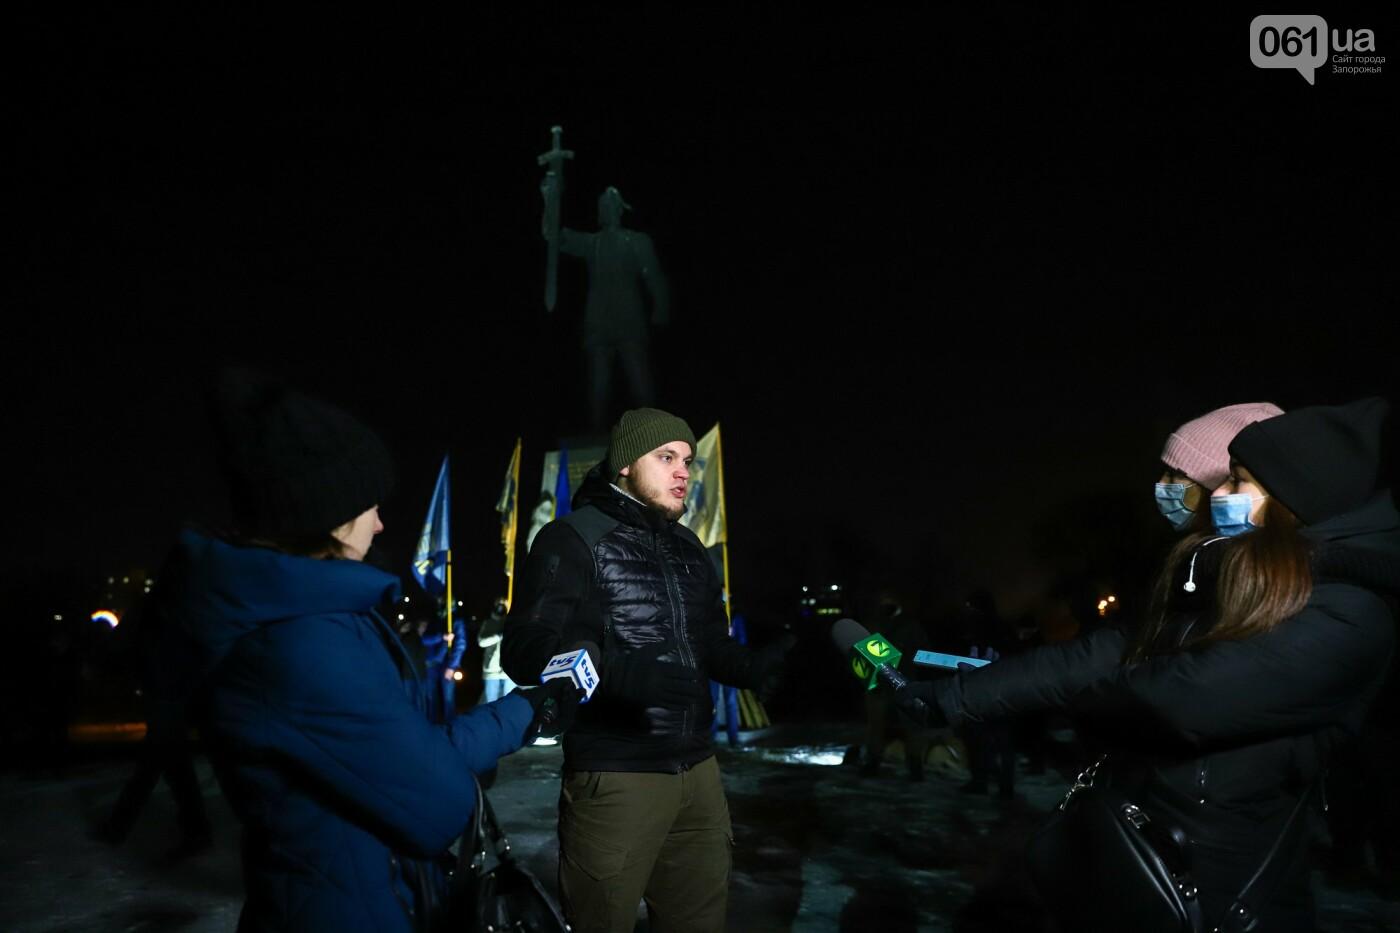 Бои за Широкино: в Запорожье зажгли факела в память о погибших бойцах, - ФОТОРЕПОРТАЖ , фото-2